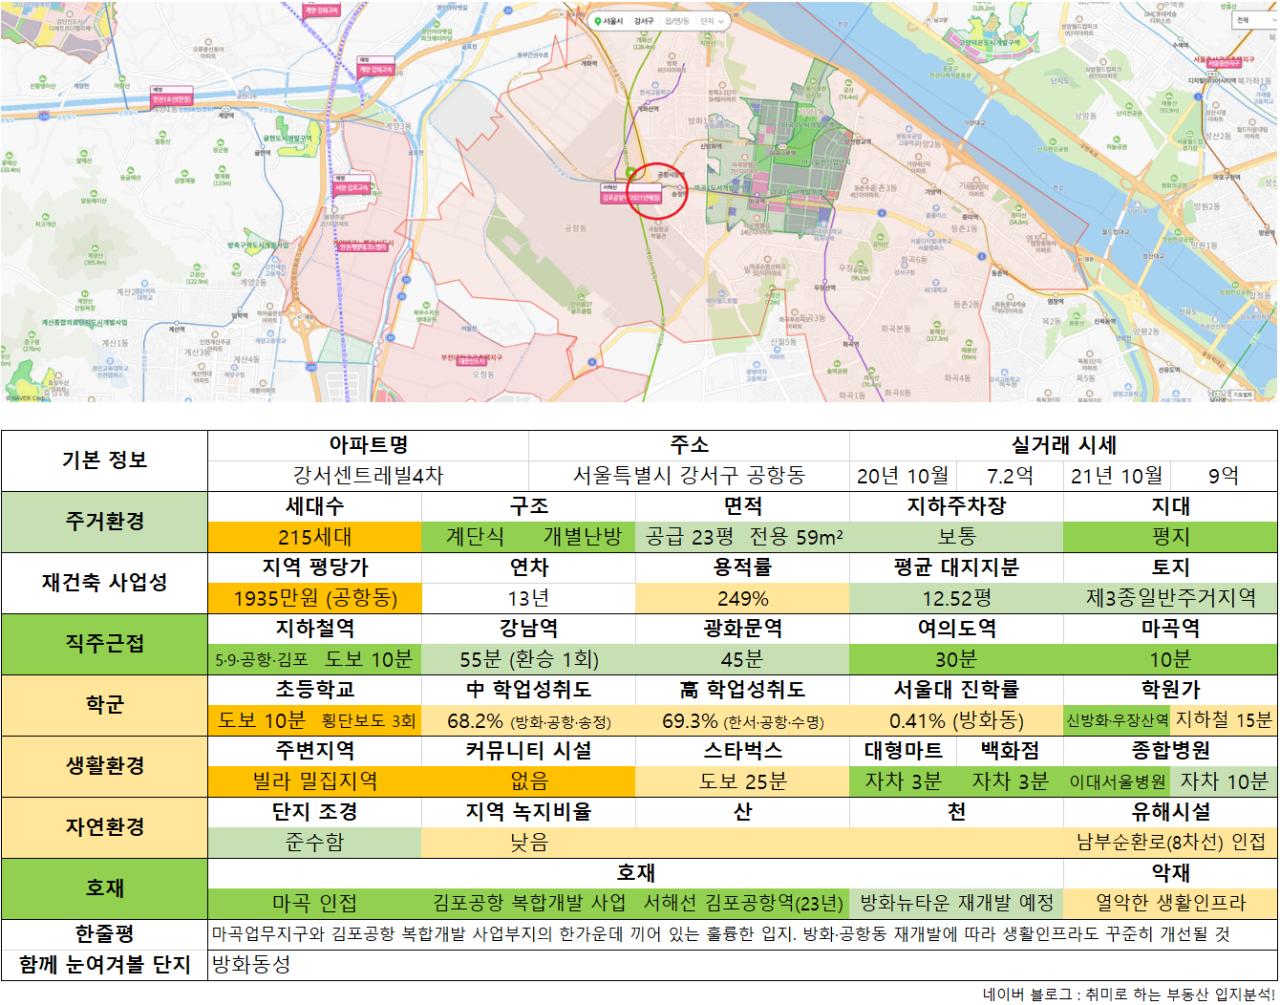 10_강서센트레빌4차.png 수도권 9억 이하 아파트 추천 (ver. 21년 10월)